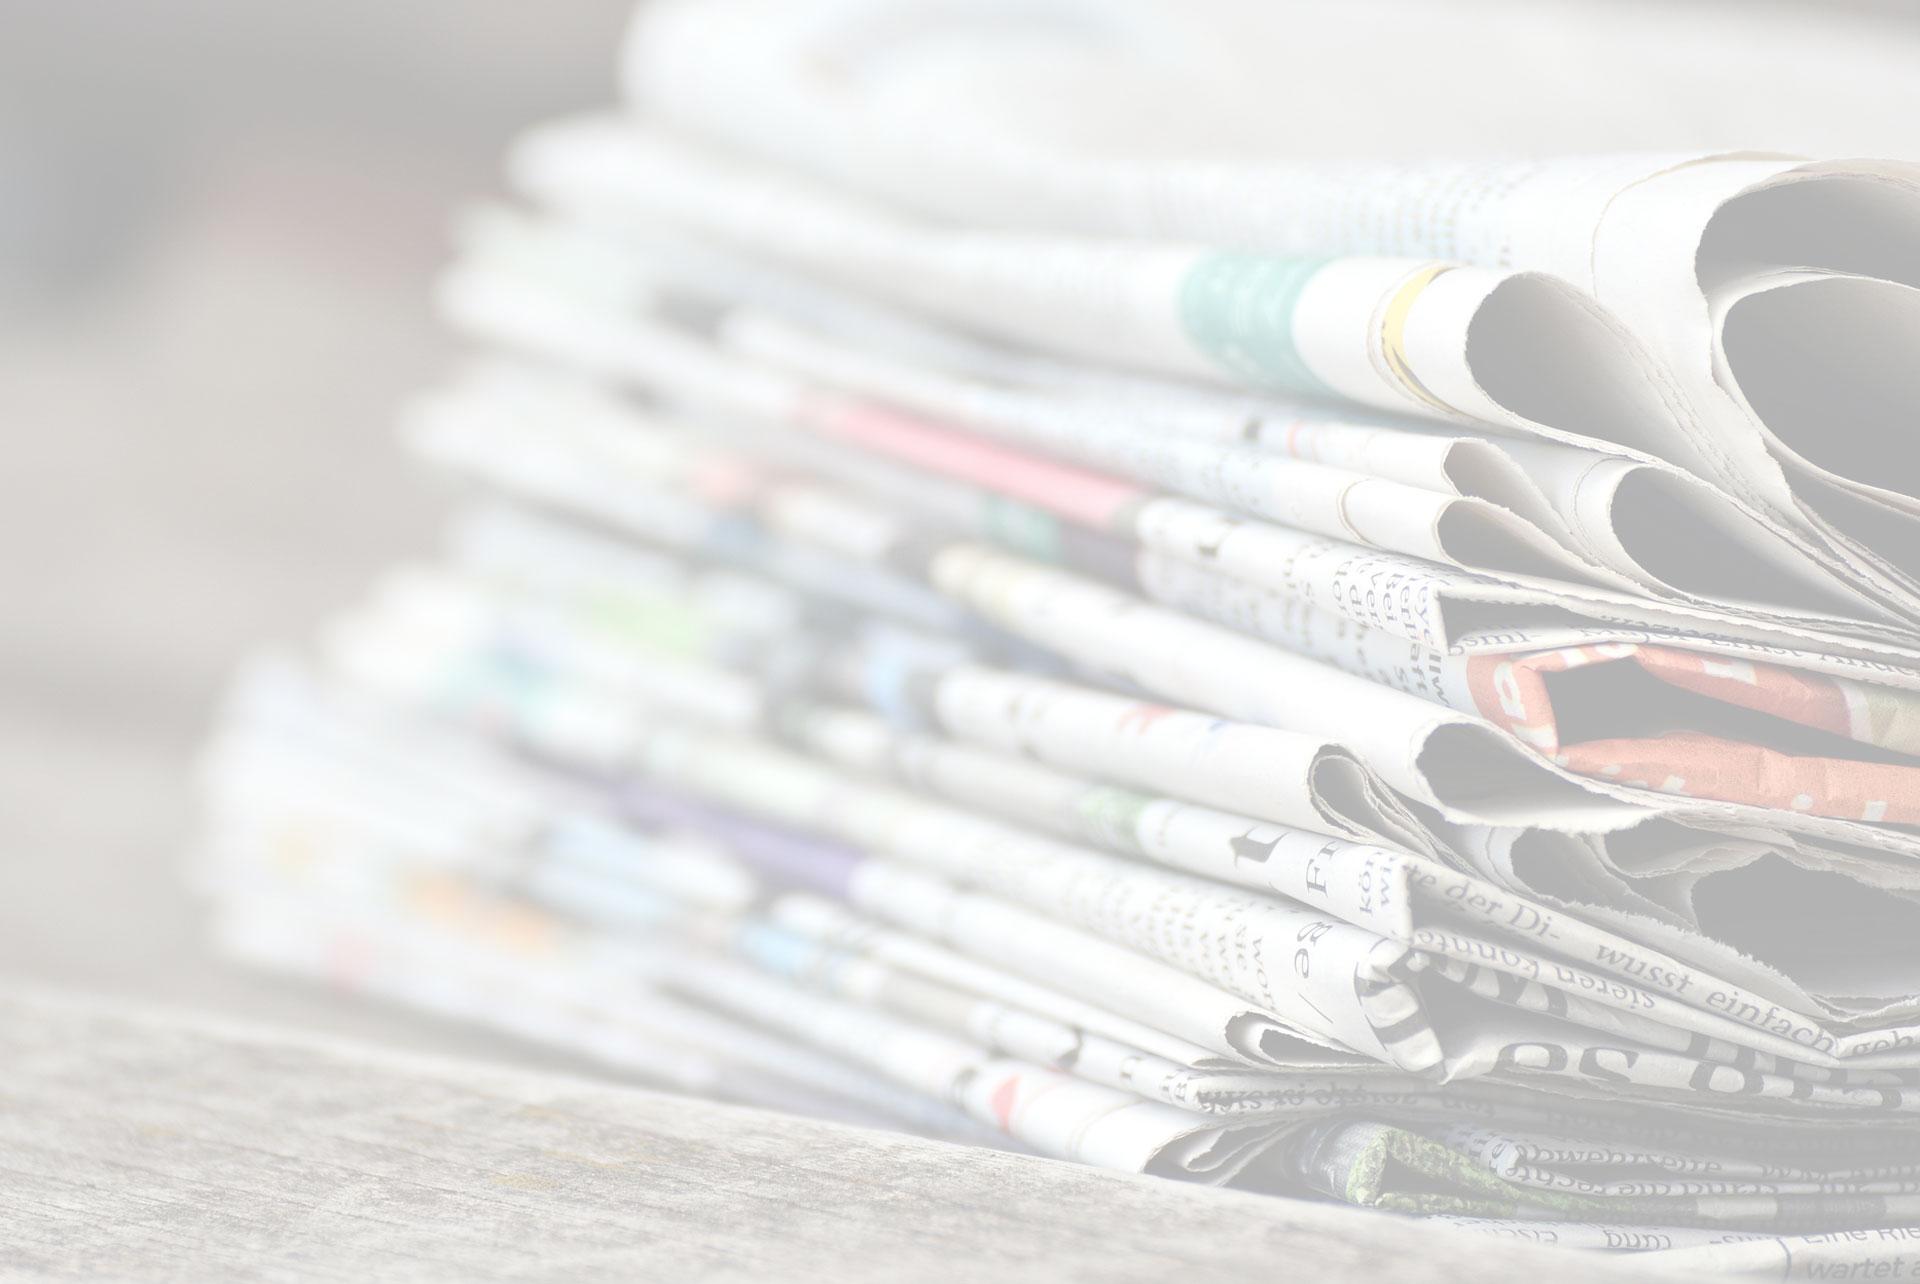 E' morto l'ex calciatore del Napoli Ezio Vendrame